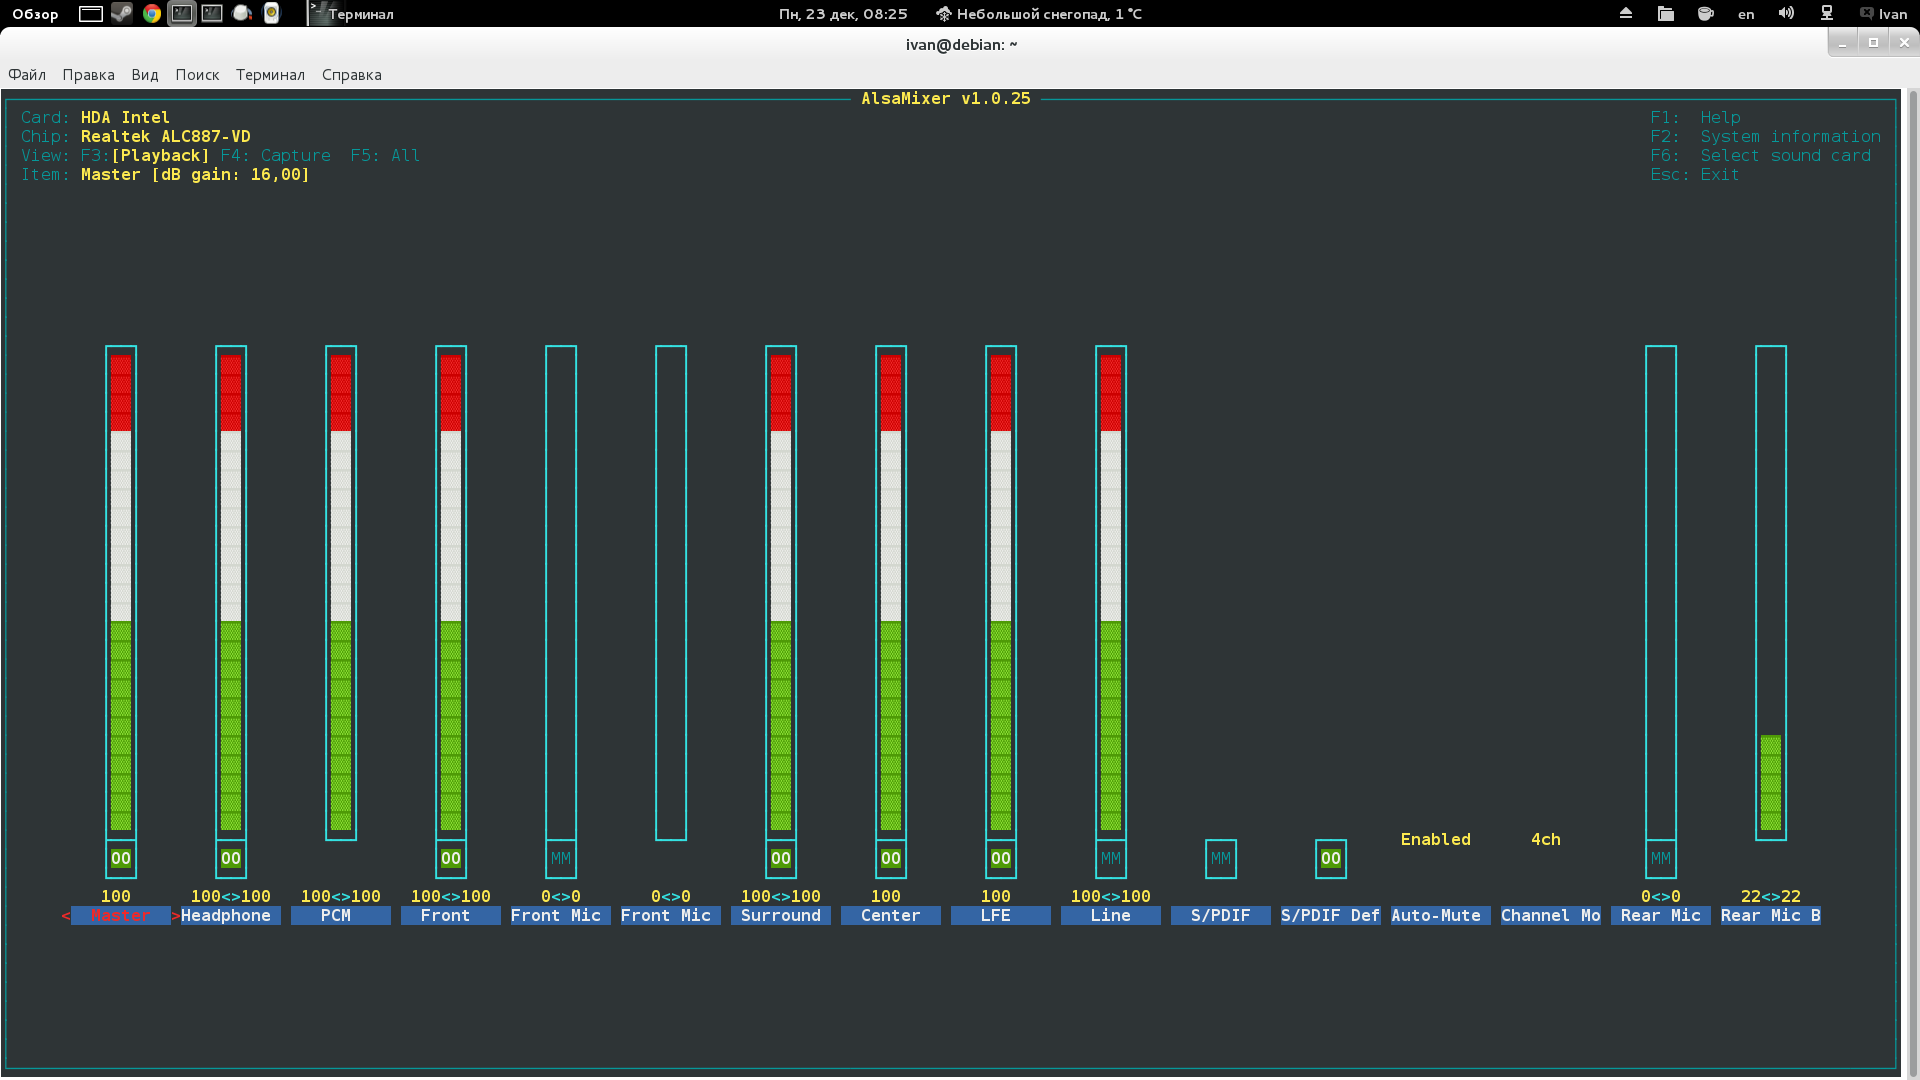 Снимок экрана от 2013-12-23 08:25:12.png